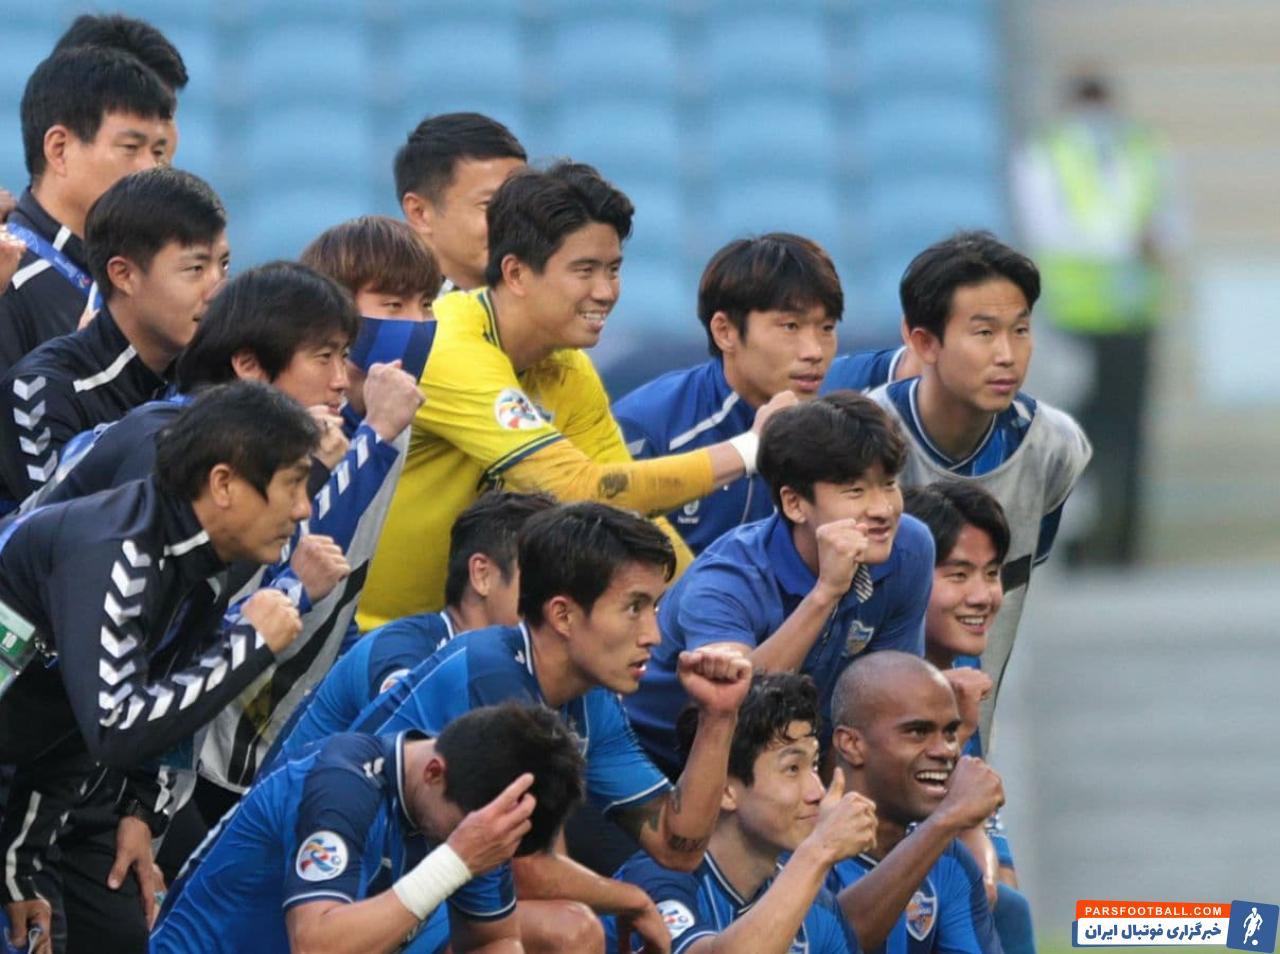 خبر خوش برای پرسپولیسی ها ؛ ۴ بازیکن کره ای در آستانه محرومیت از فینال آسیا